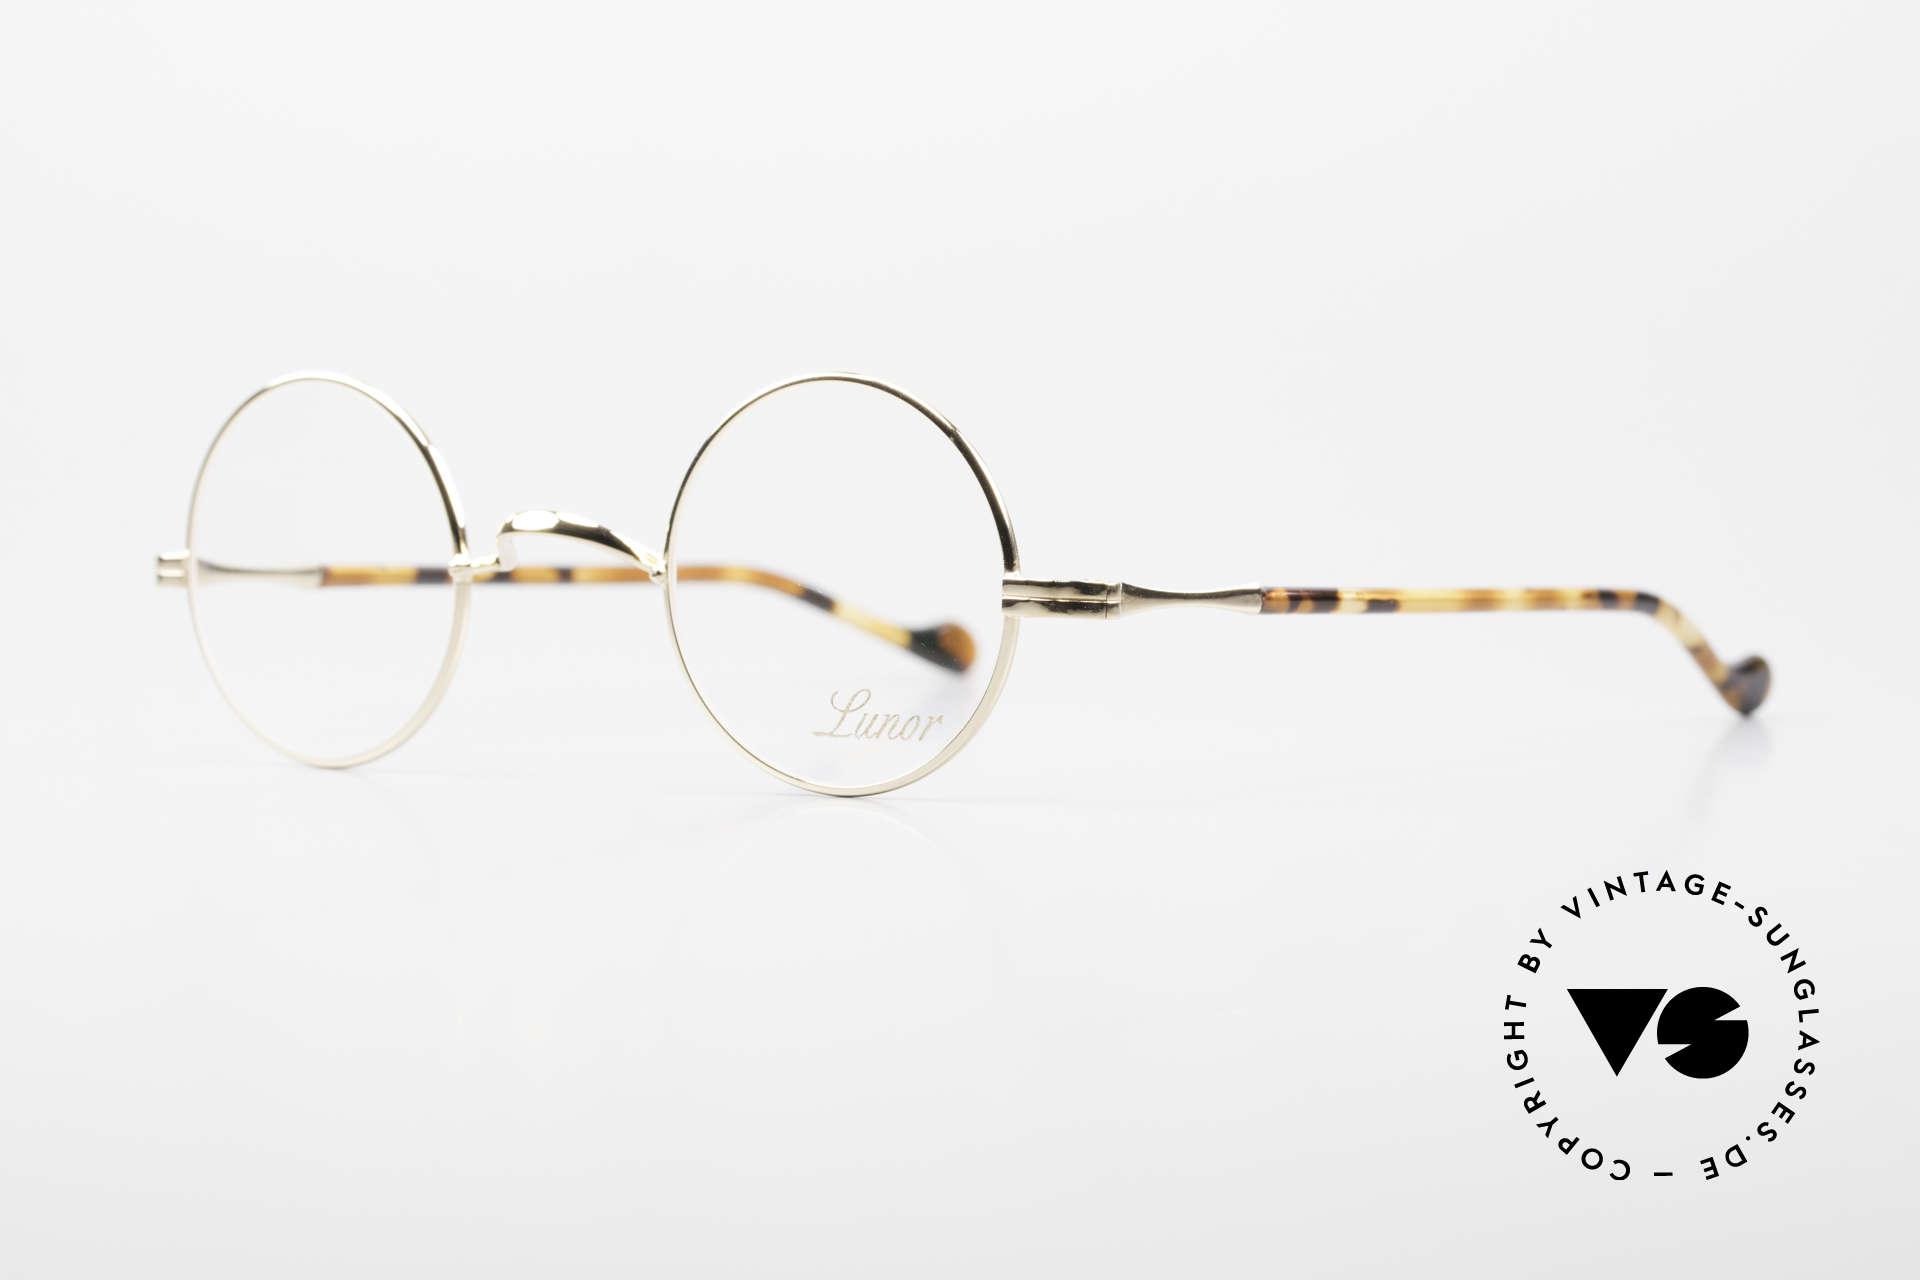 Lunor II A 12 Runde Brille 22kt Vergoldet, extrem hochwertig GP: gold-plated; TOP-Qualität!, Passend für Herren und Damen